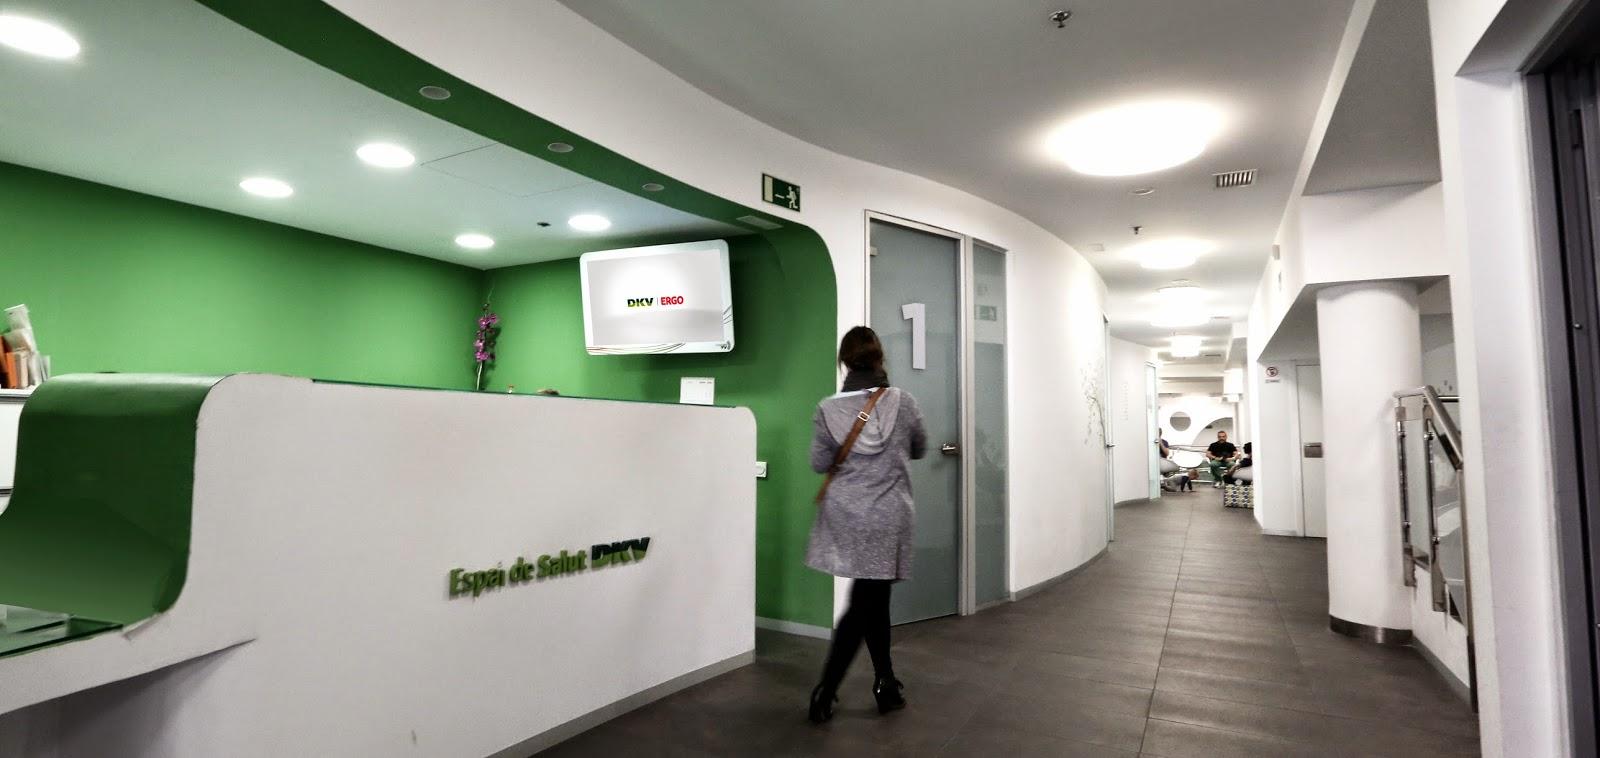 espacio de salud dkv hospitalet carrer de barcelona hospitalet de llobregat